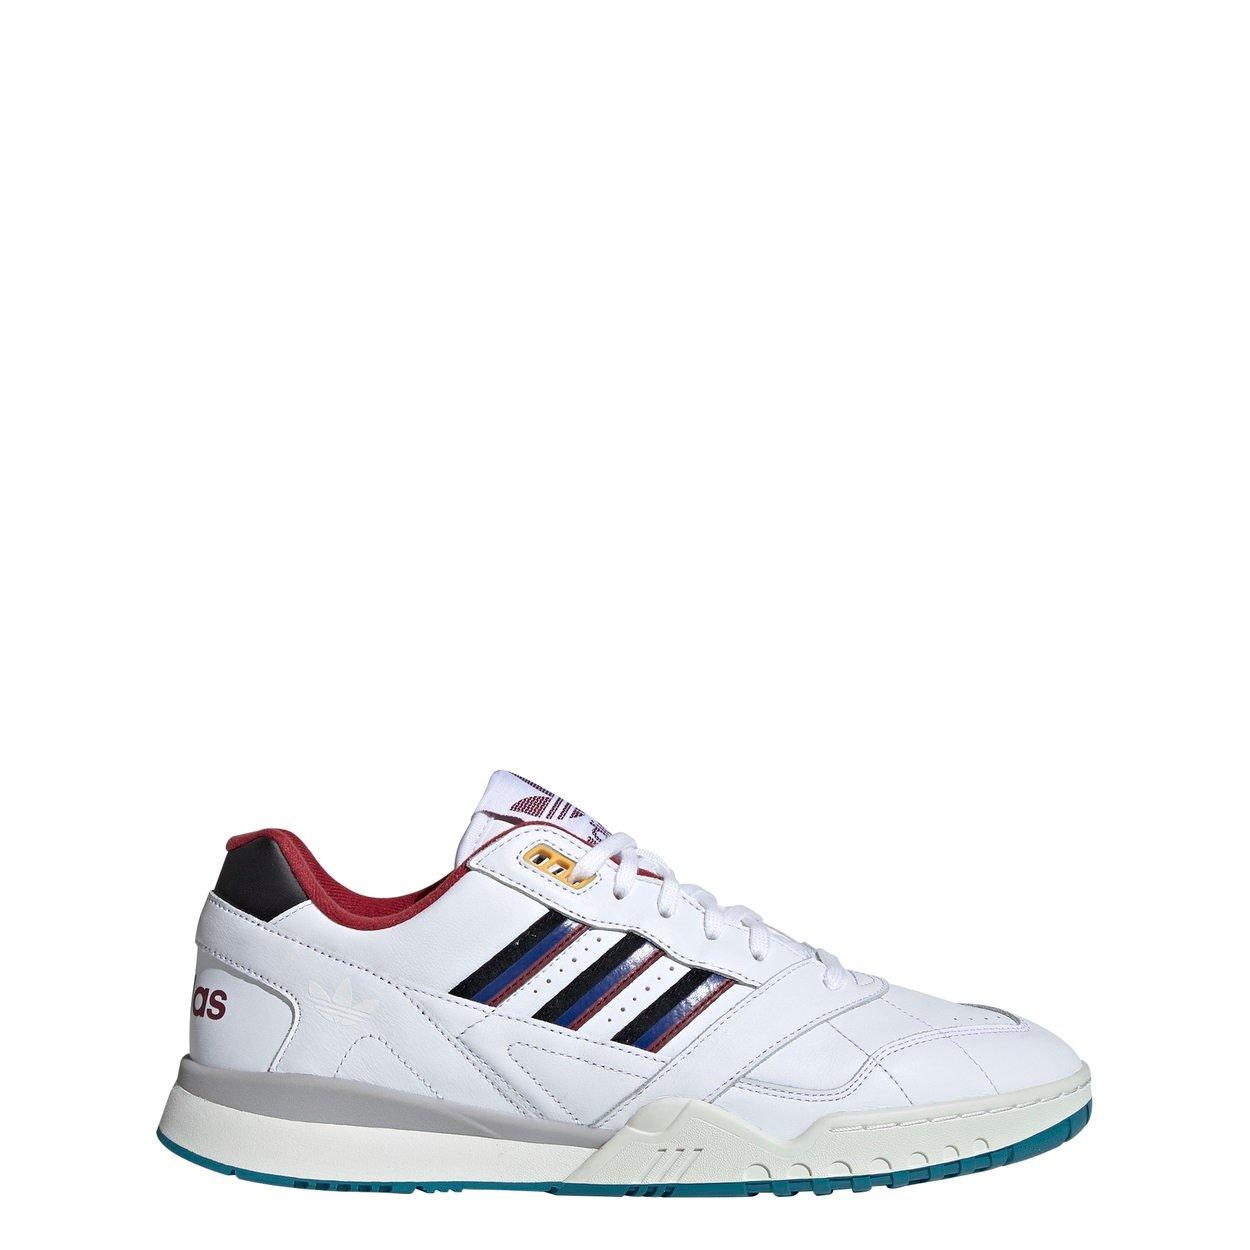 adidas bianche trainer